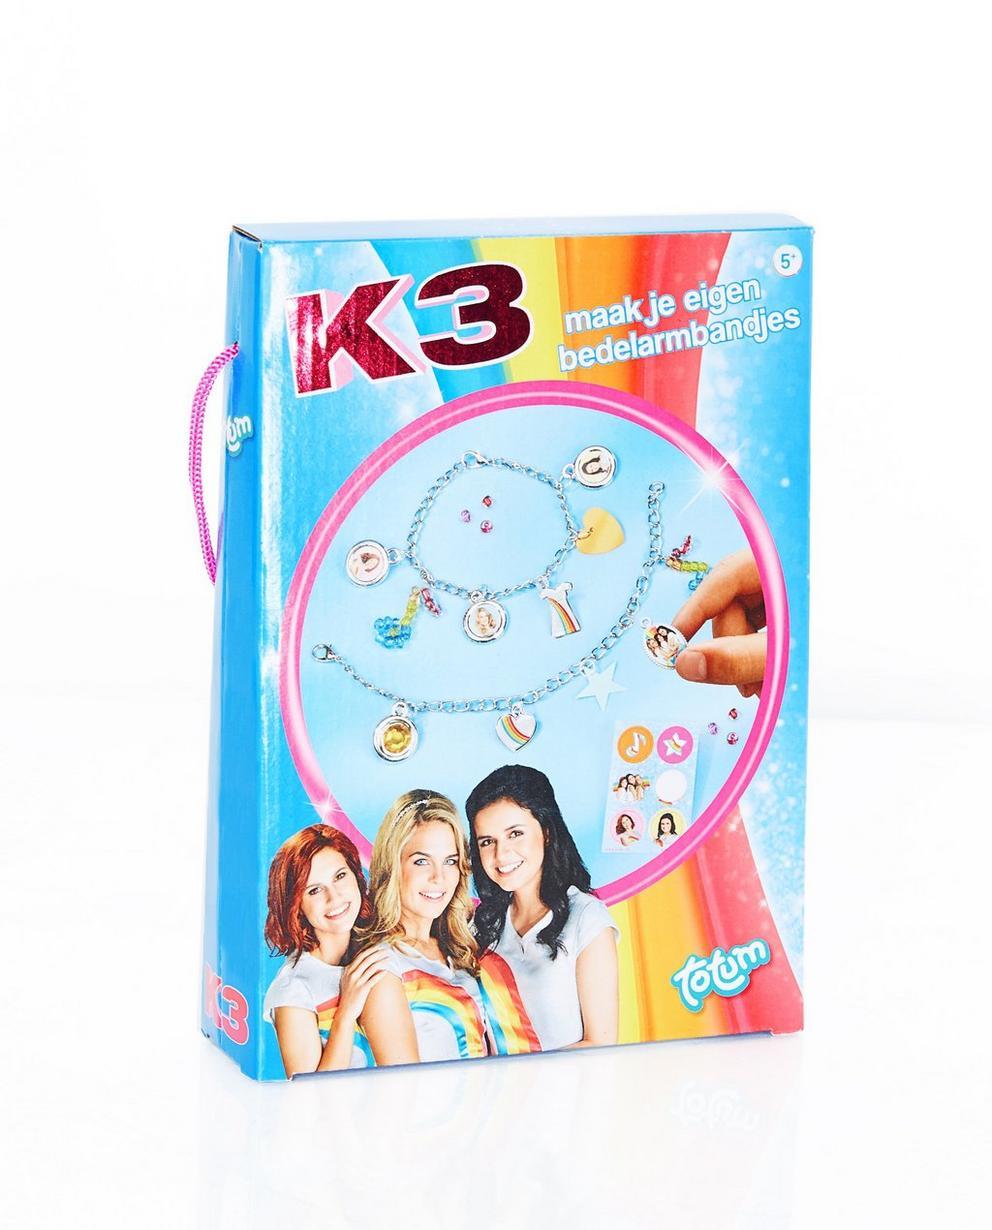 Set de bracelets DIY - K3 - none